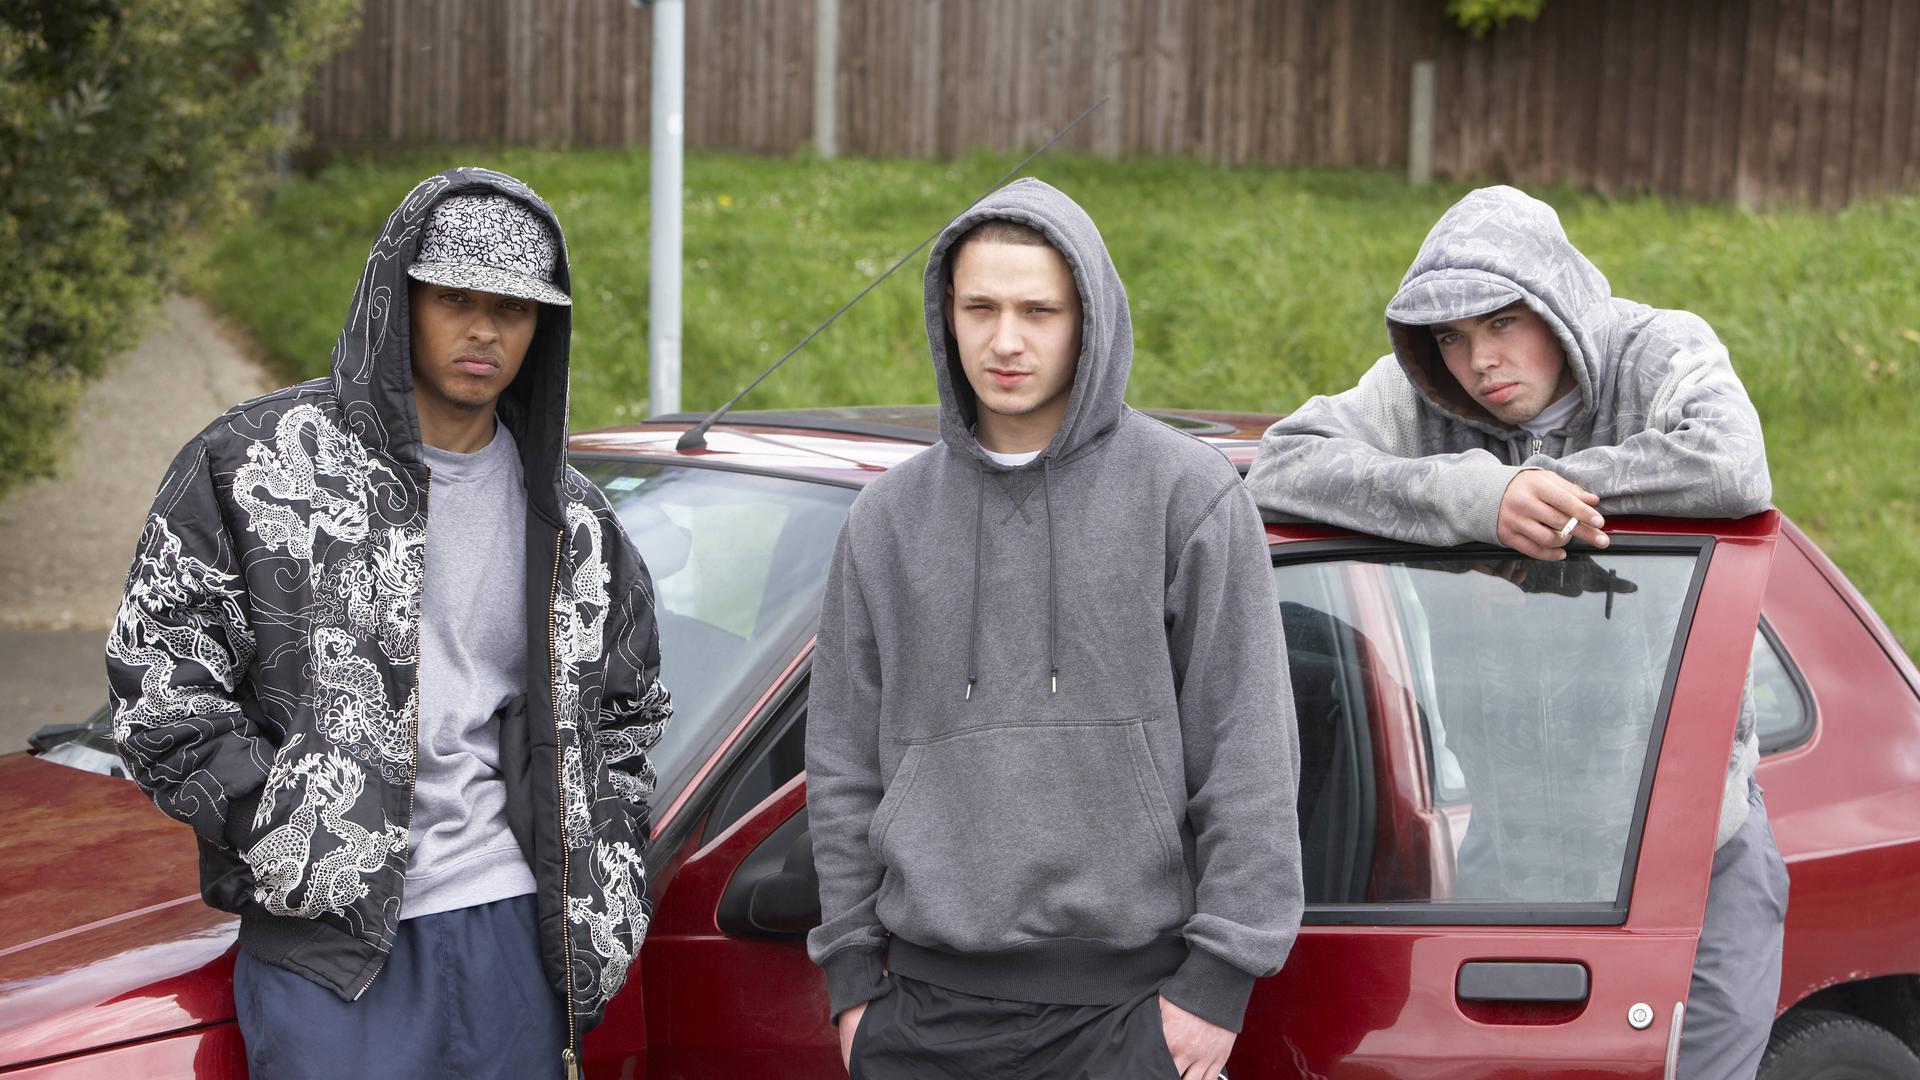 Drei junge Männer stehen rund um ein rotes Auto. Sie tragen Kapuzenpullis und Schirmmützen.